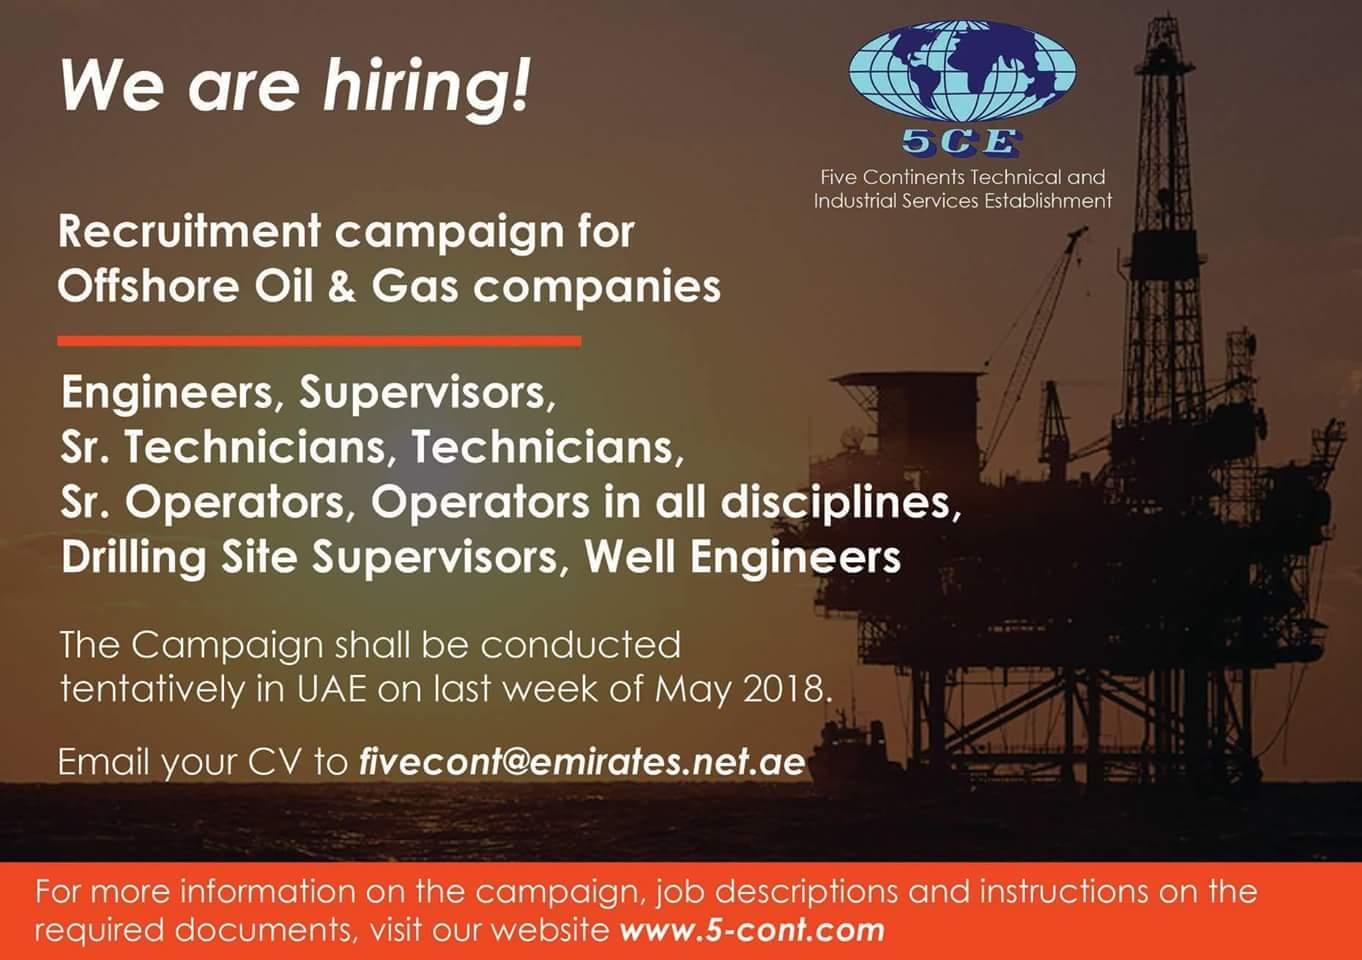 Rig Recruitment Uae